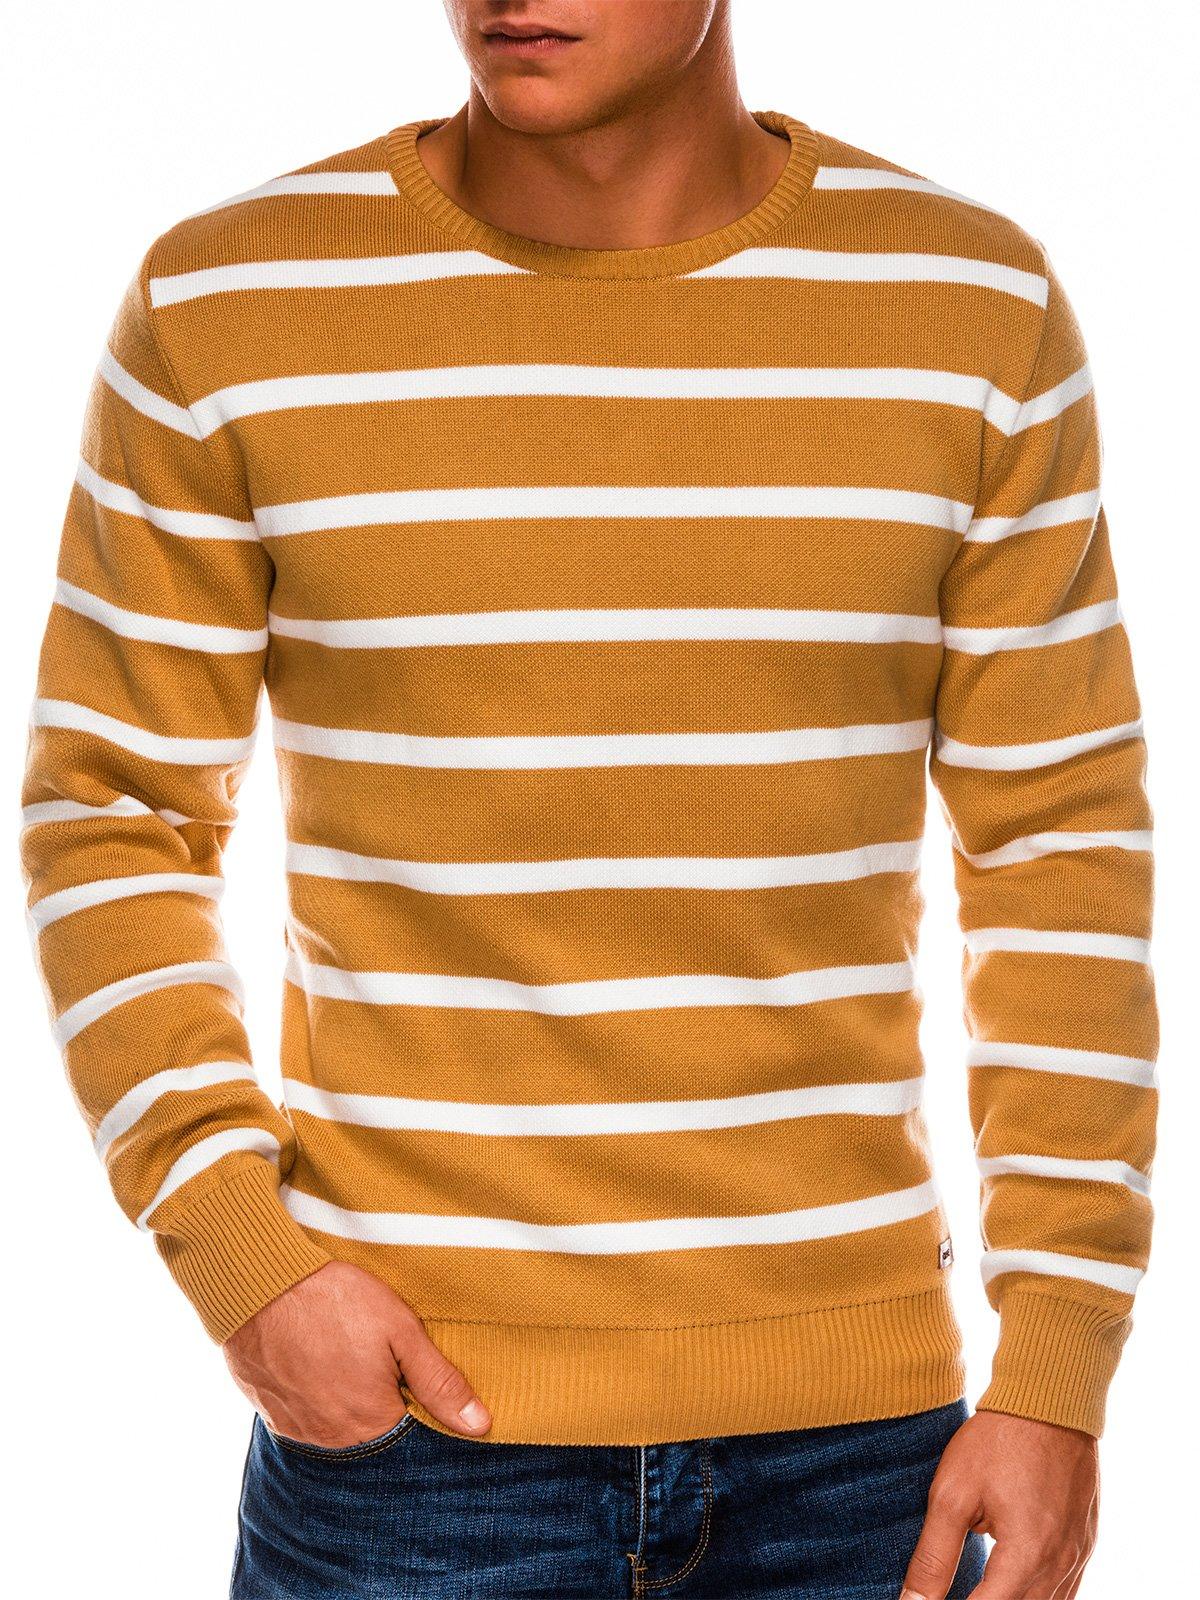 Купить со скидкой Чоловічий светр E155 - жовтий